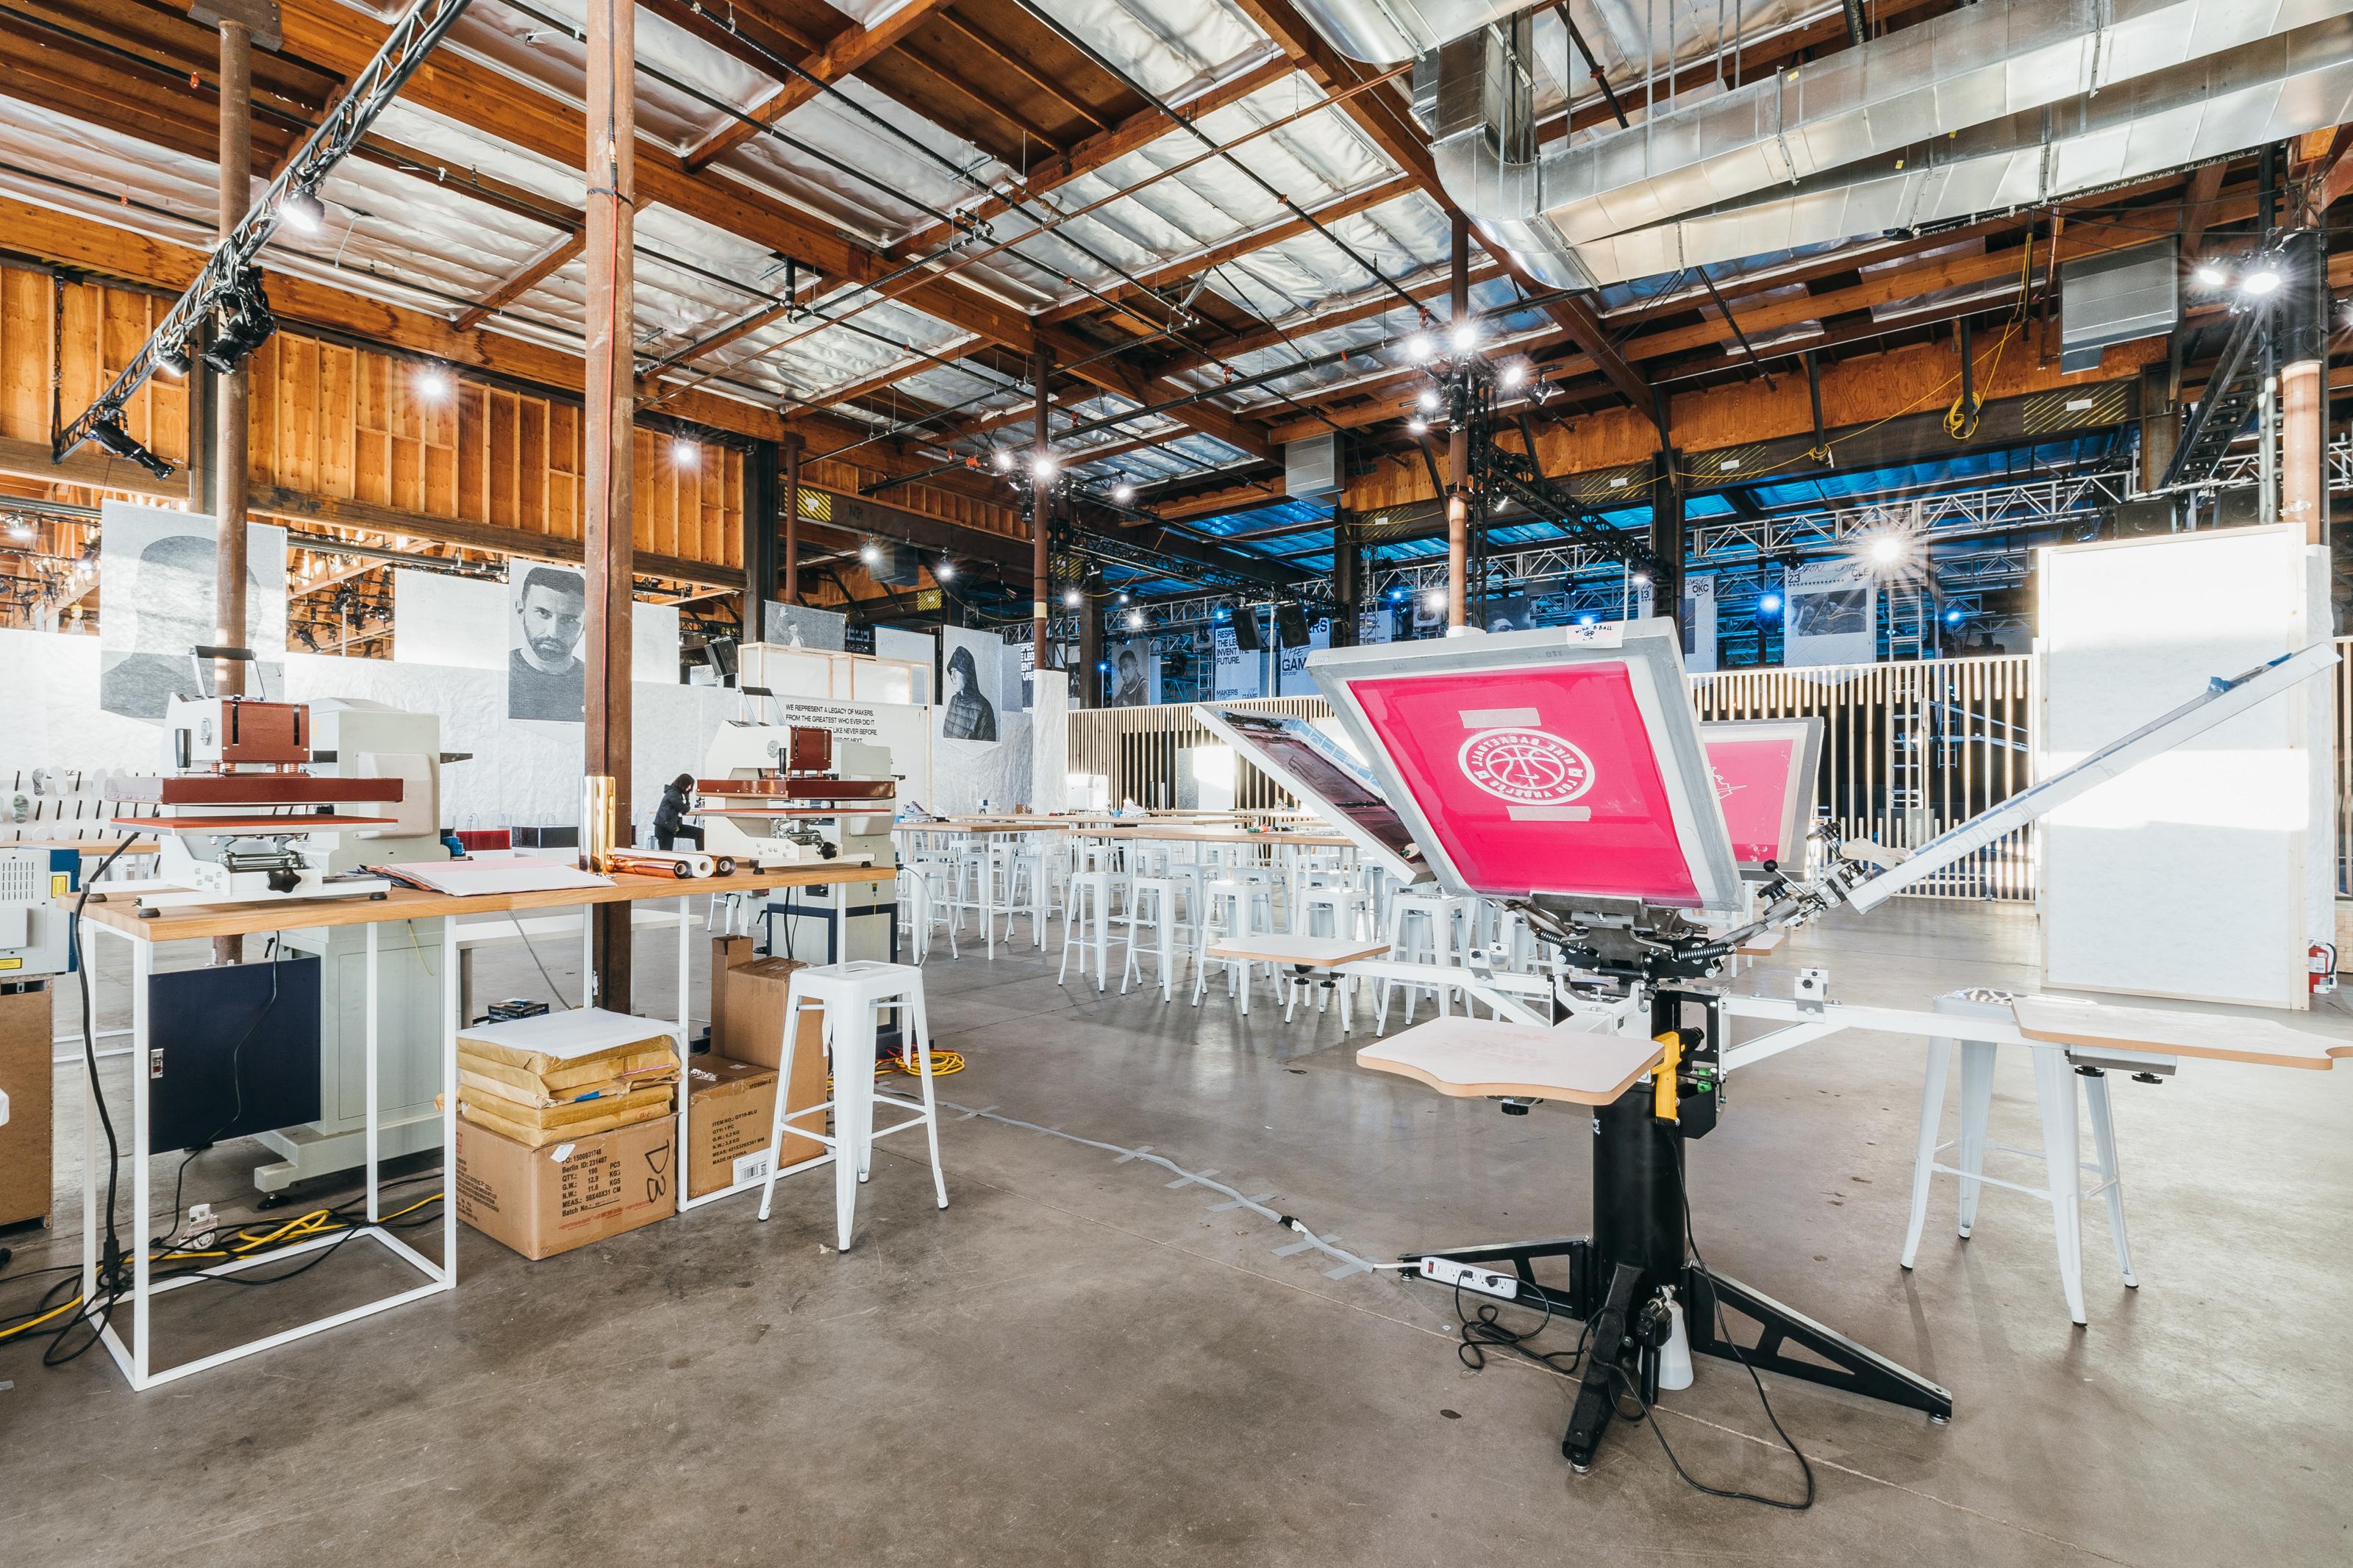 Estado vóleibol barajar  Day 1 Recap Of Nike Makers Of The Game • KicksOnFire.com